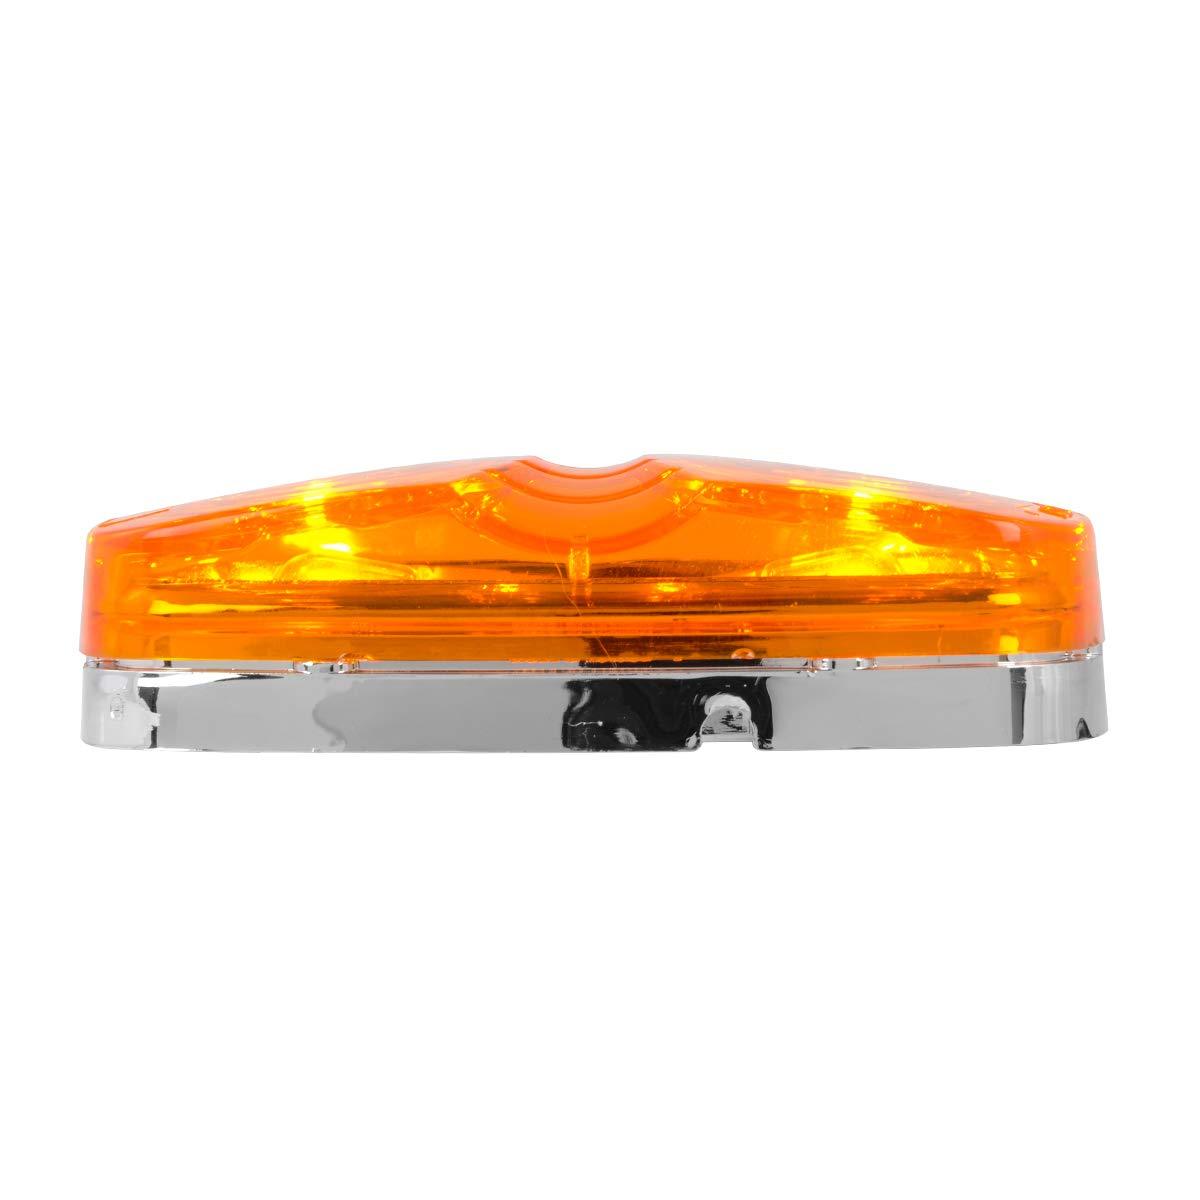 Amber Tiger Eye, White Base GG Grand General 82920 Marker Light